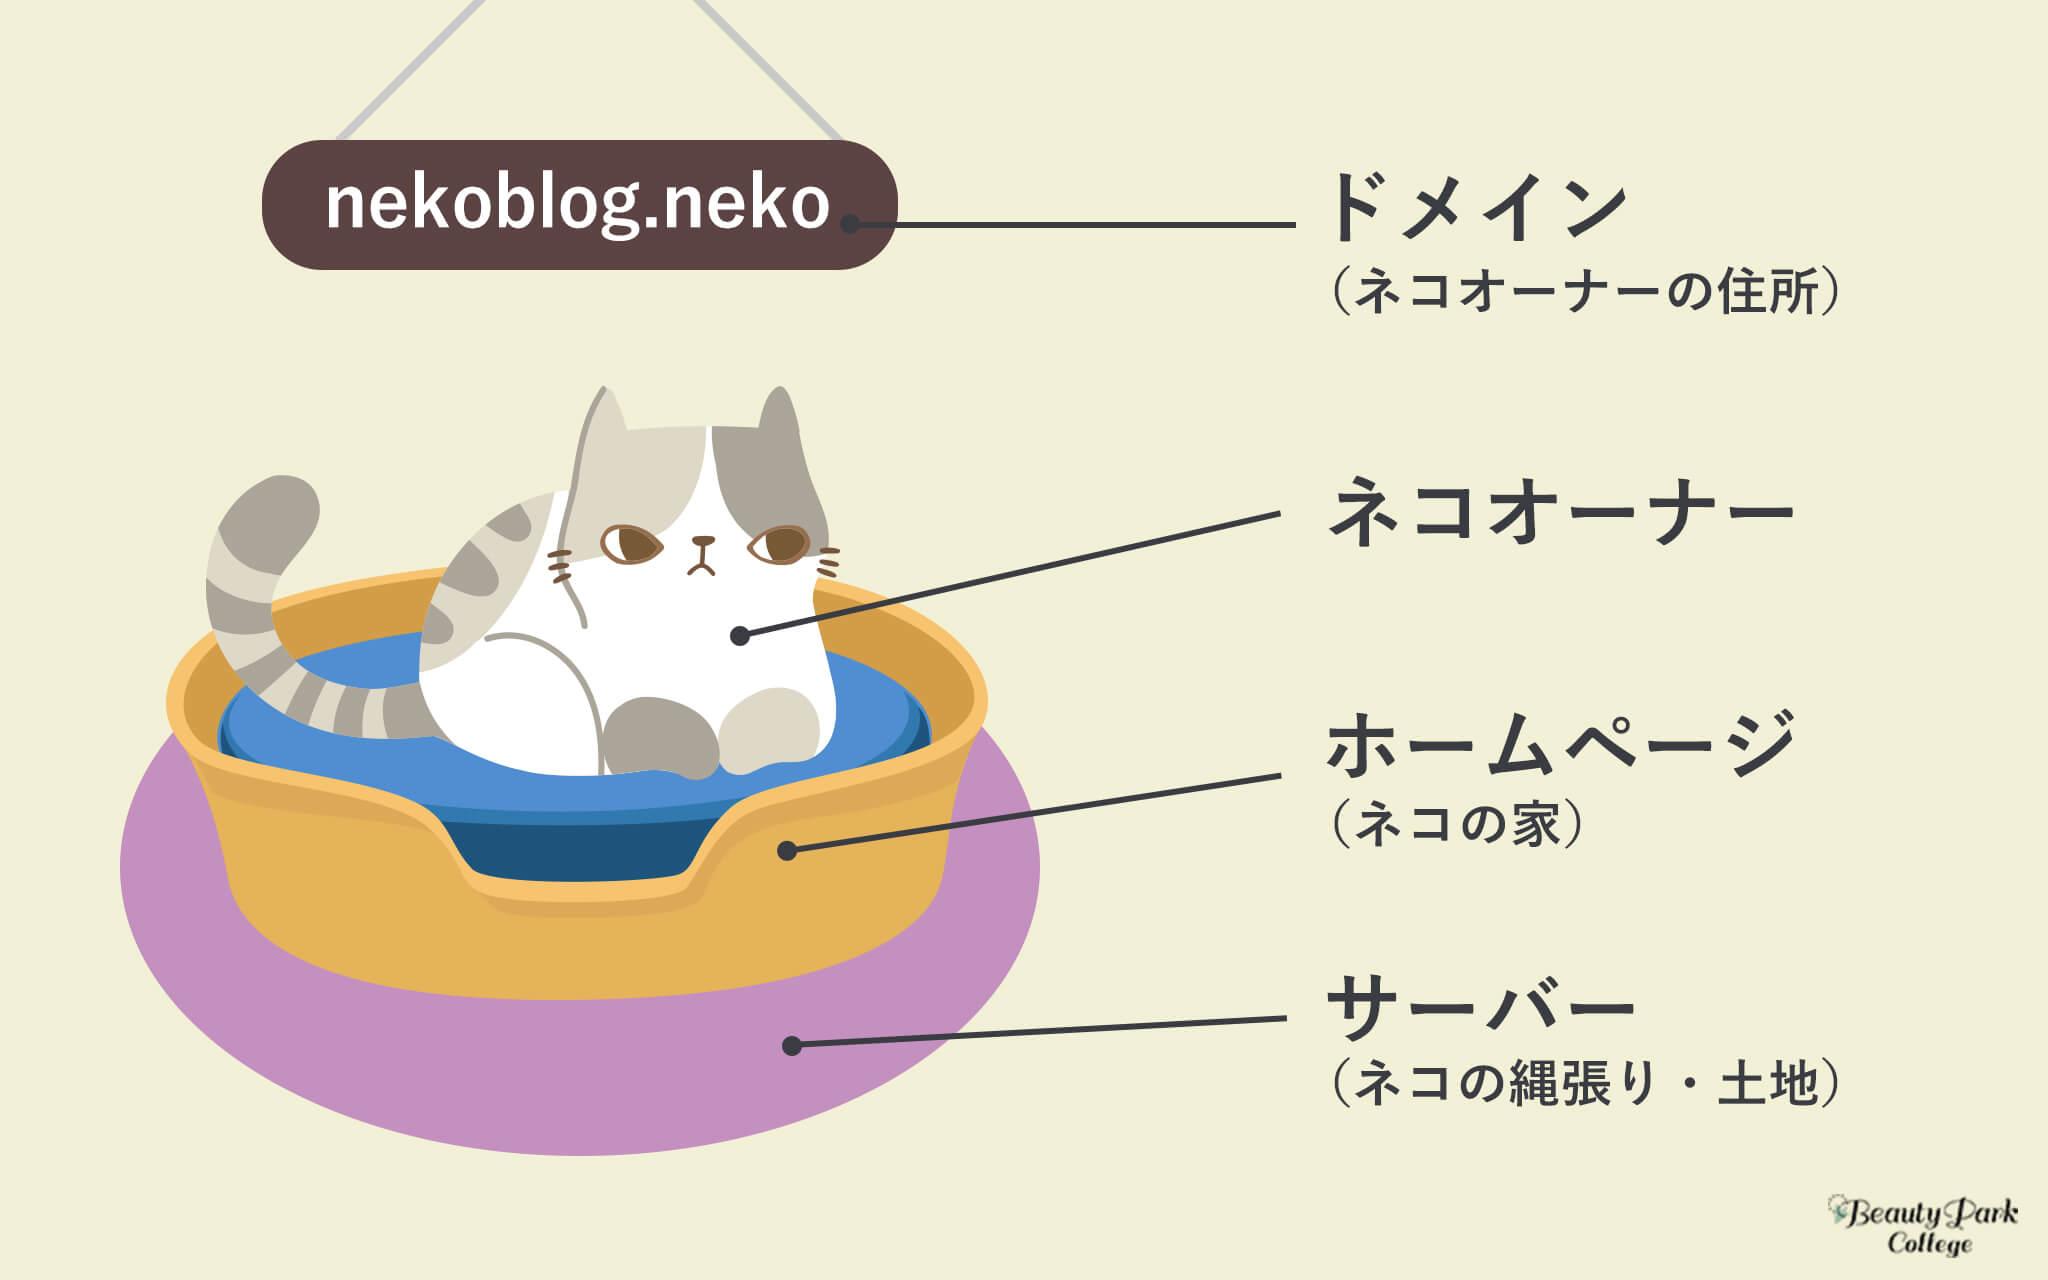 ドメイン=ネコオーナーの住所、ネコオーナー、ホームページ=ネコの家、サーバー=ネコの縄張り・土地